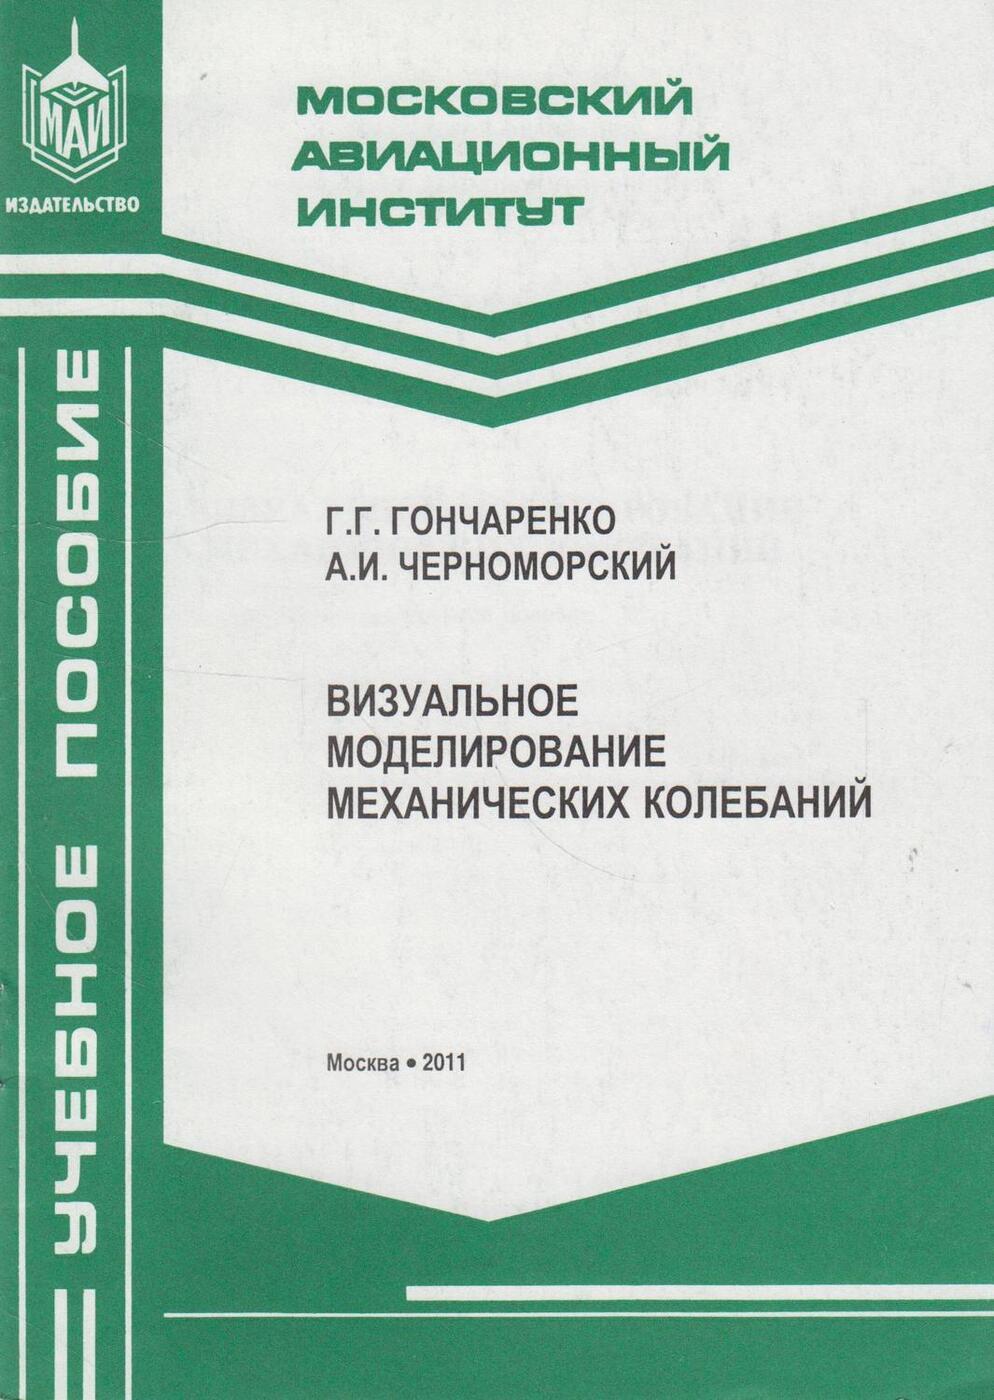 Гончаренко Георгий Григорьевич. Визуальное моделирование механических колебаний